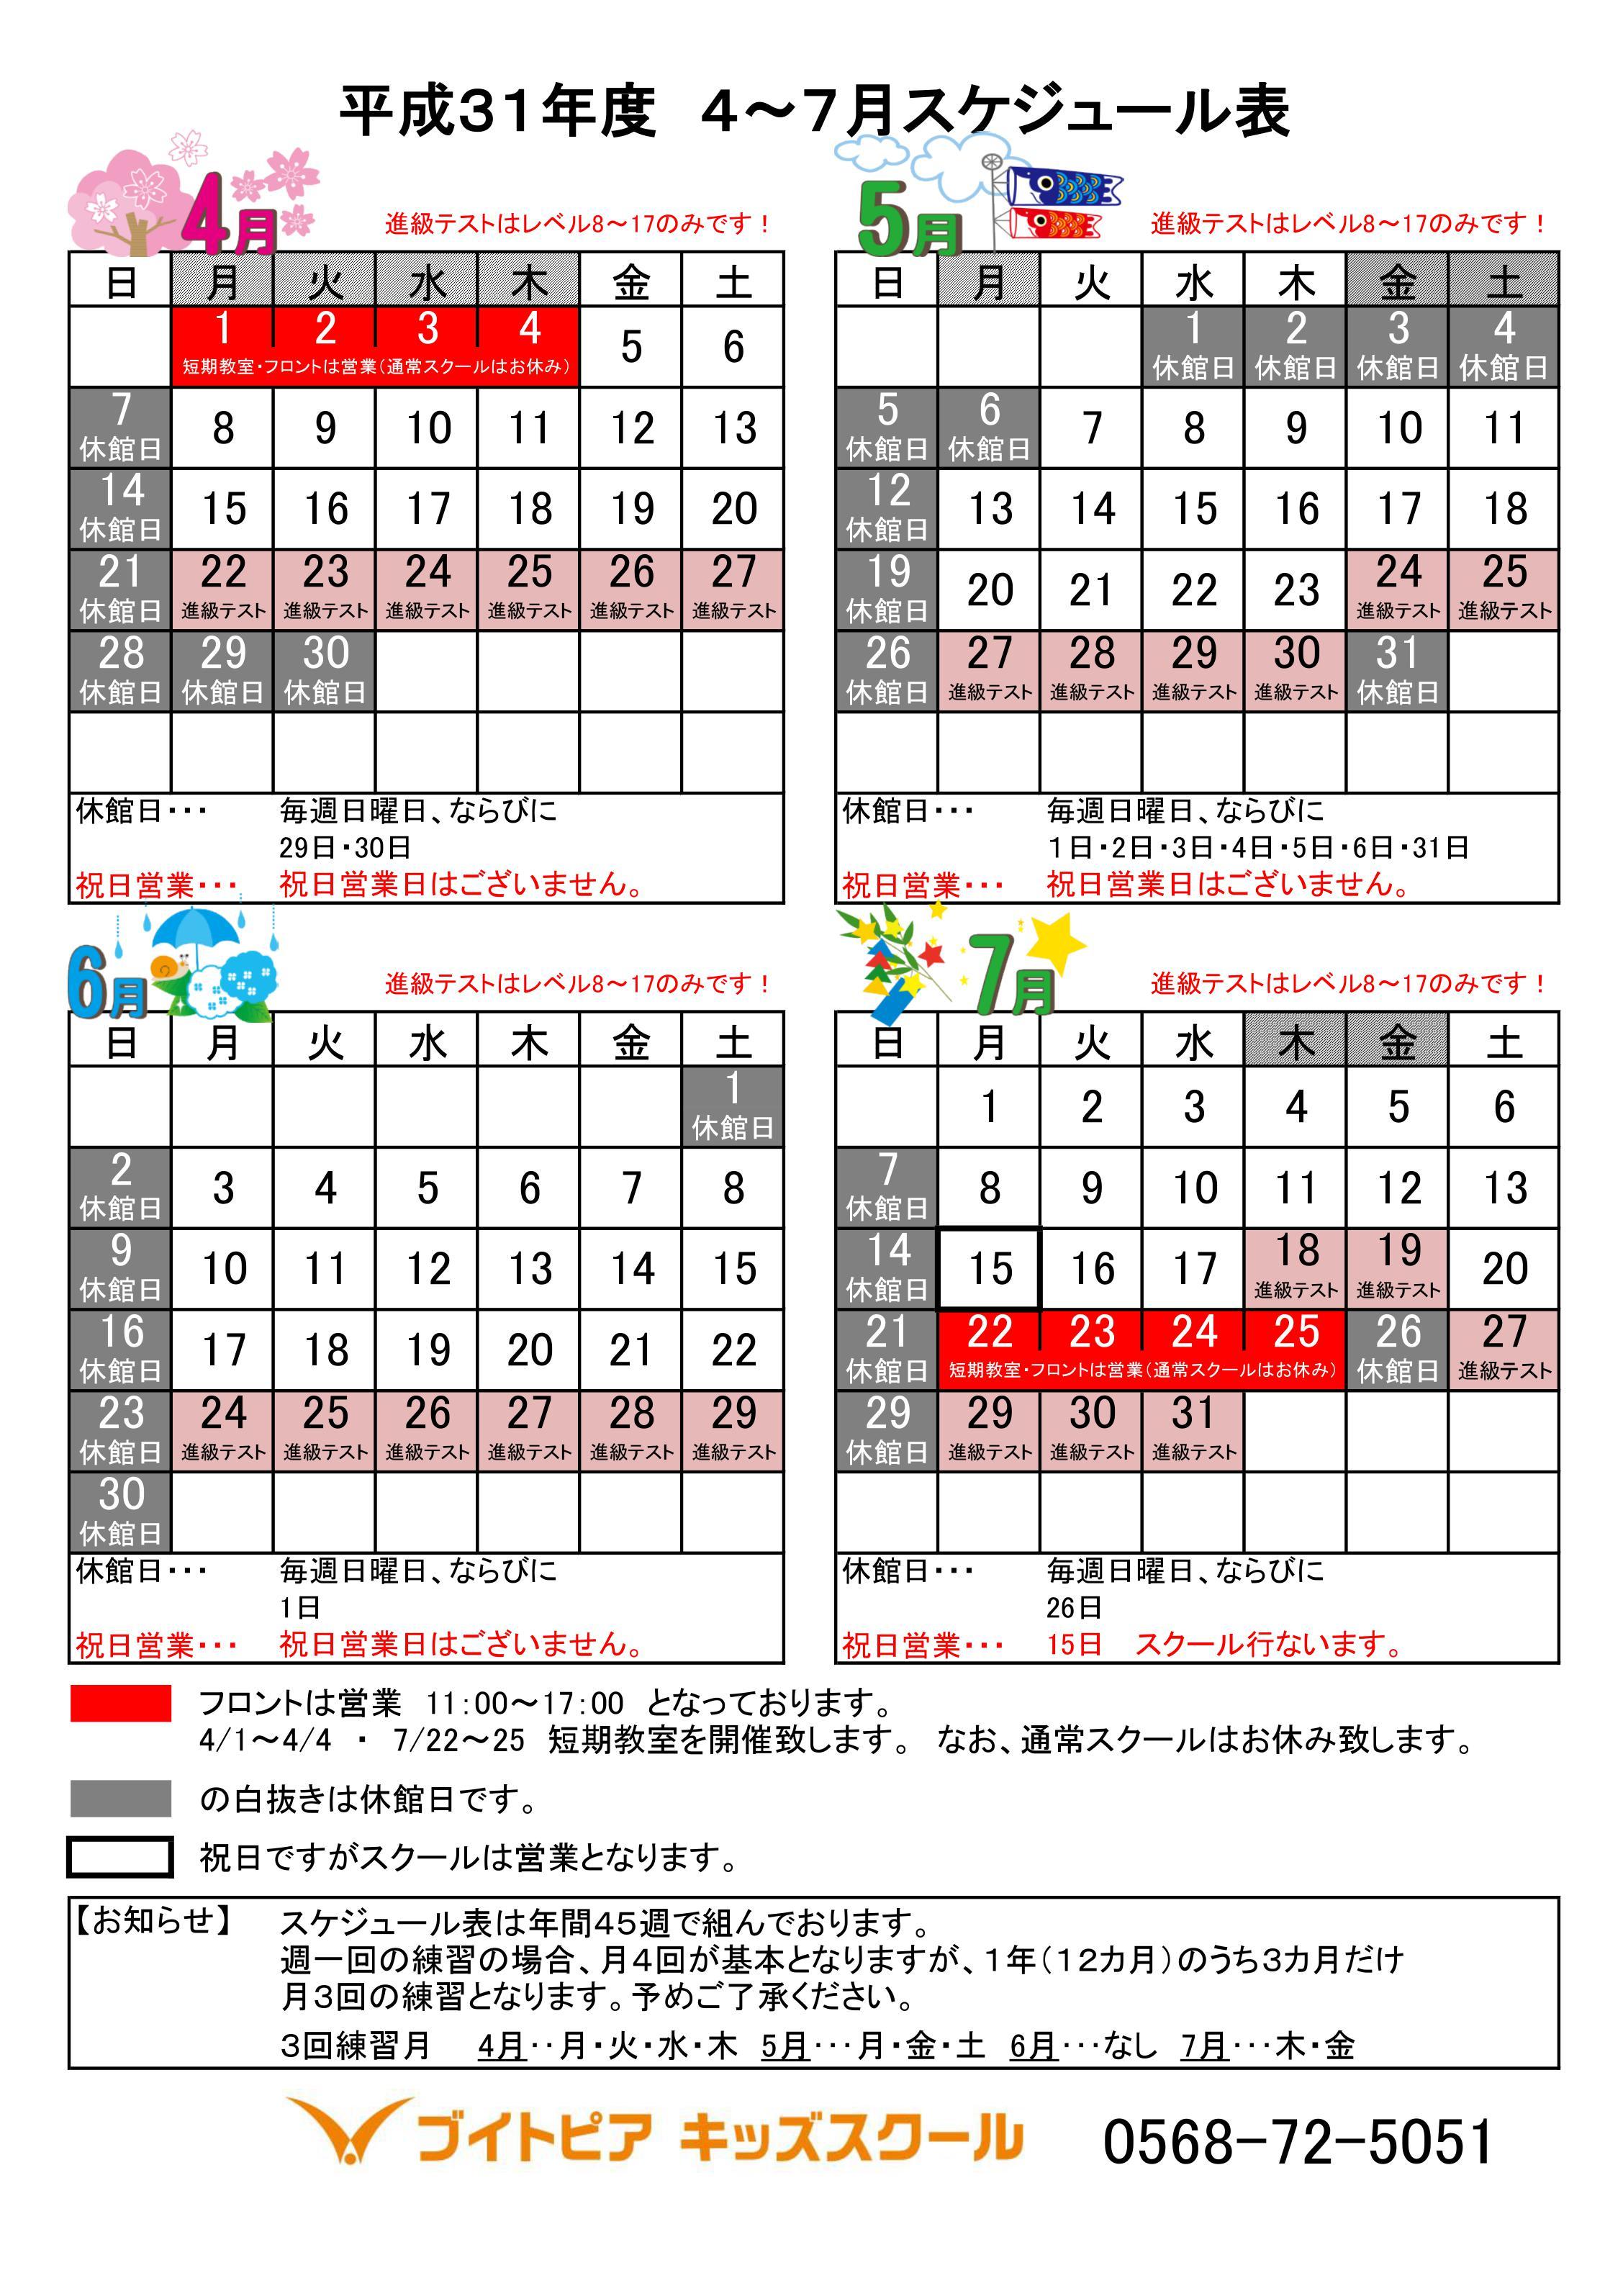 2019年4月~7月 スクールカレンダー